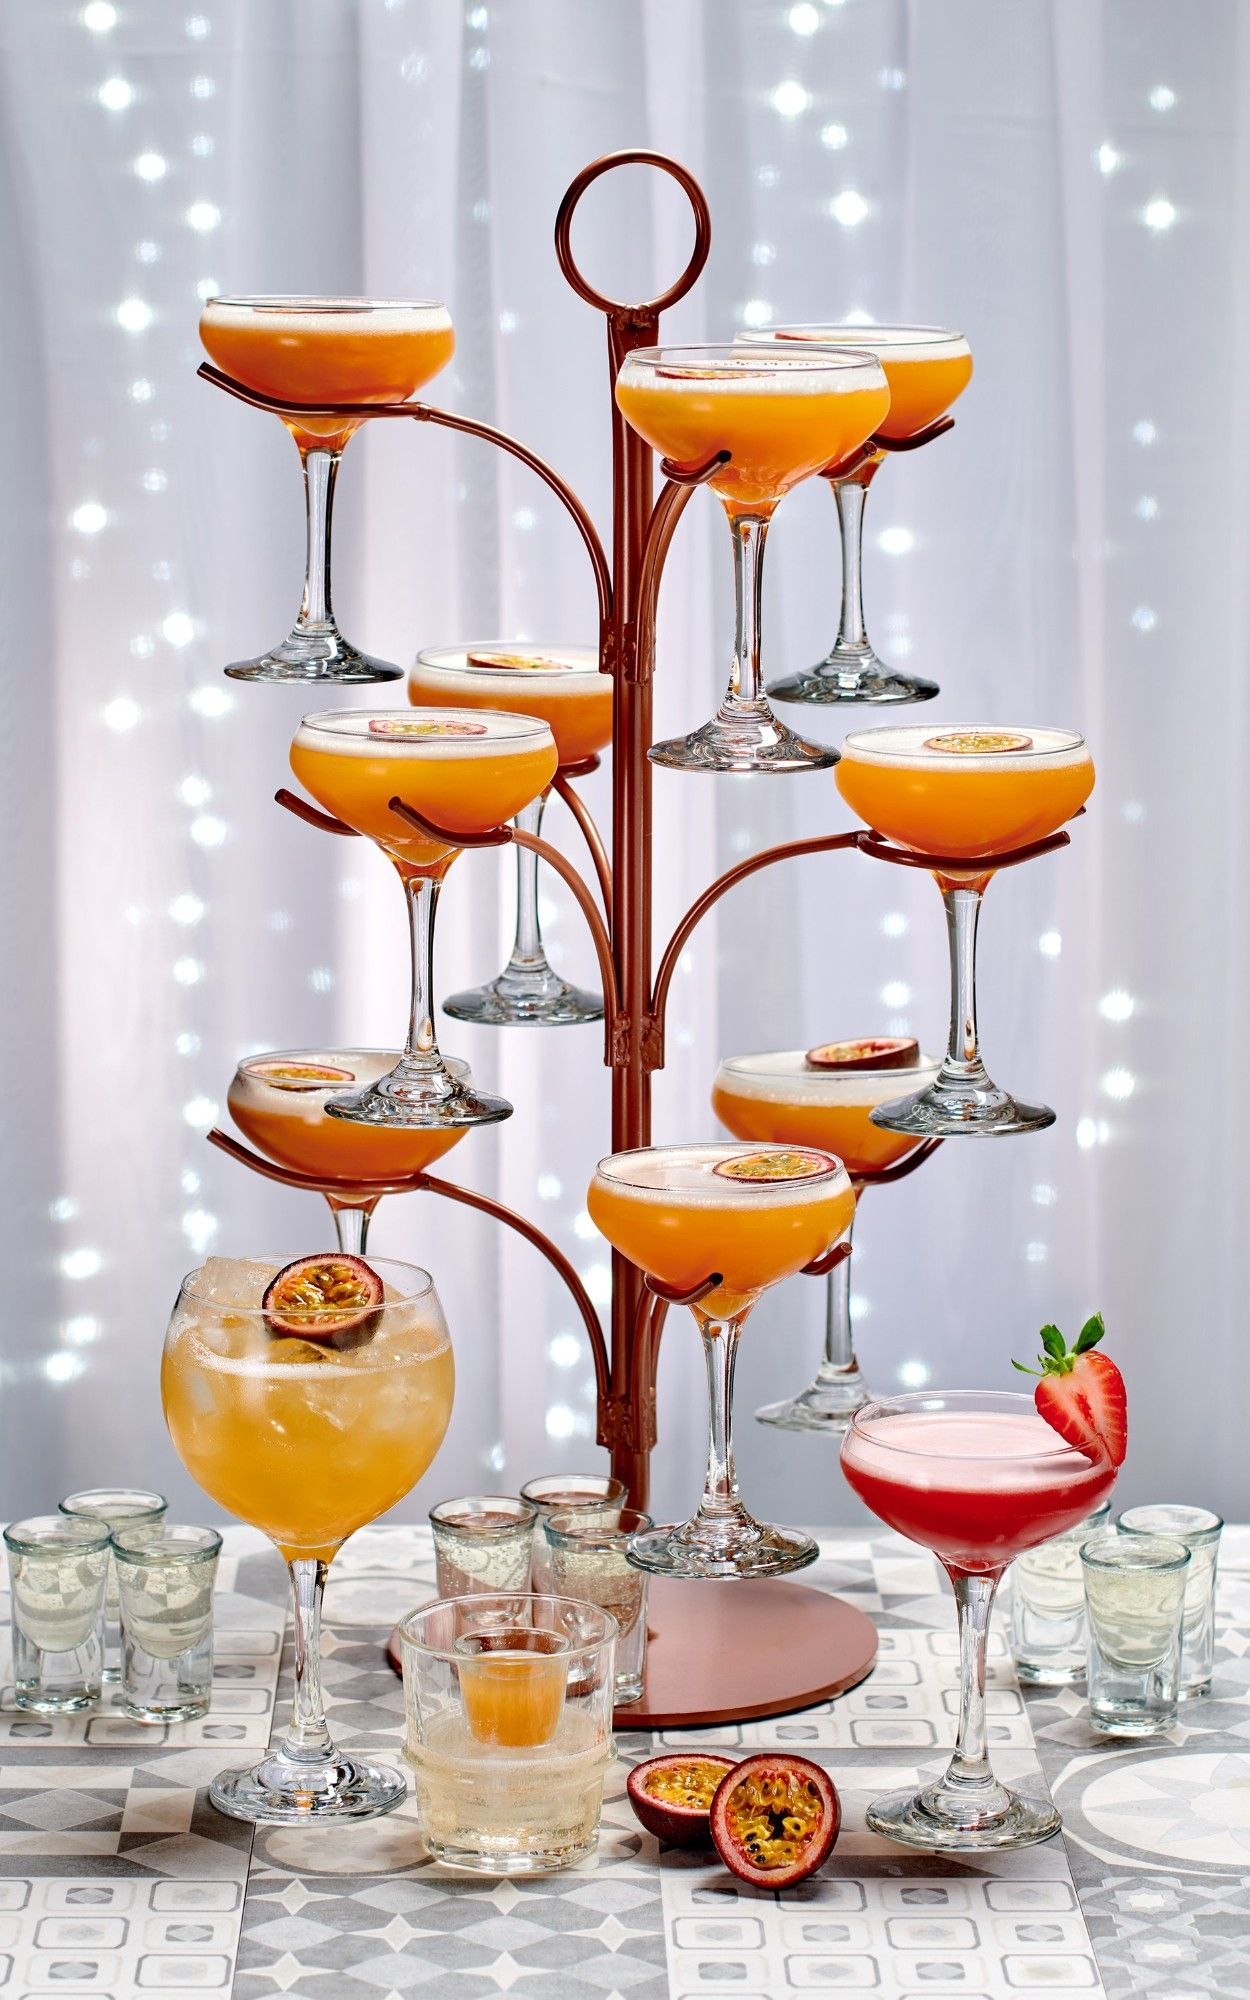 Drink Together